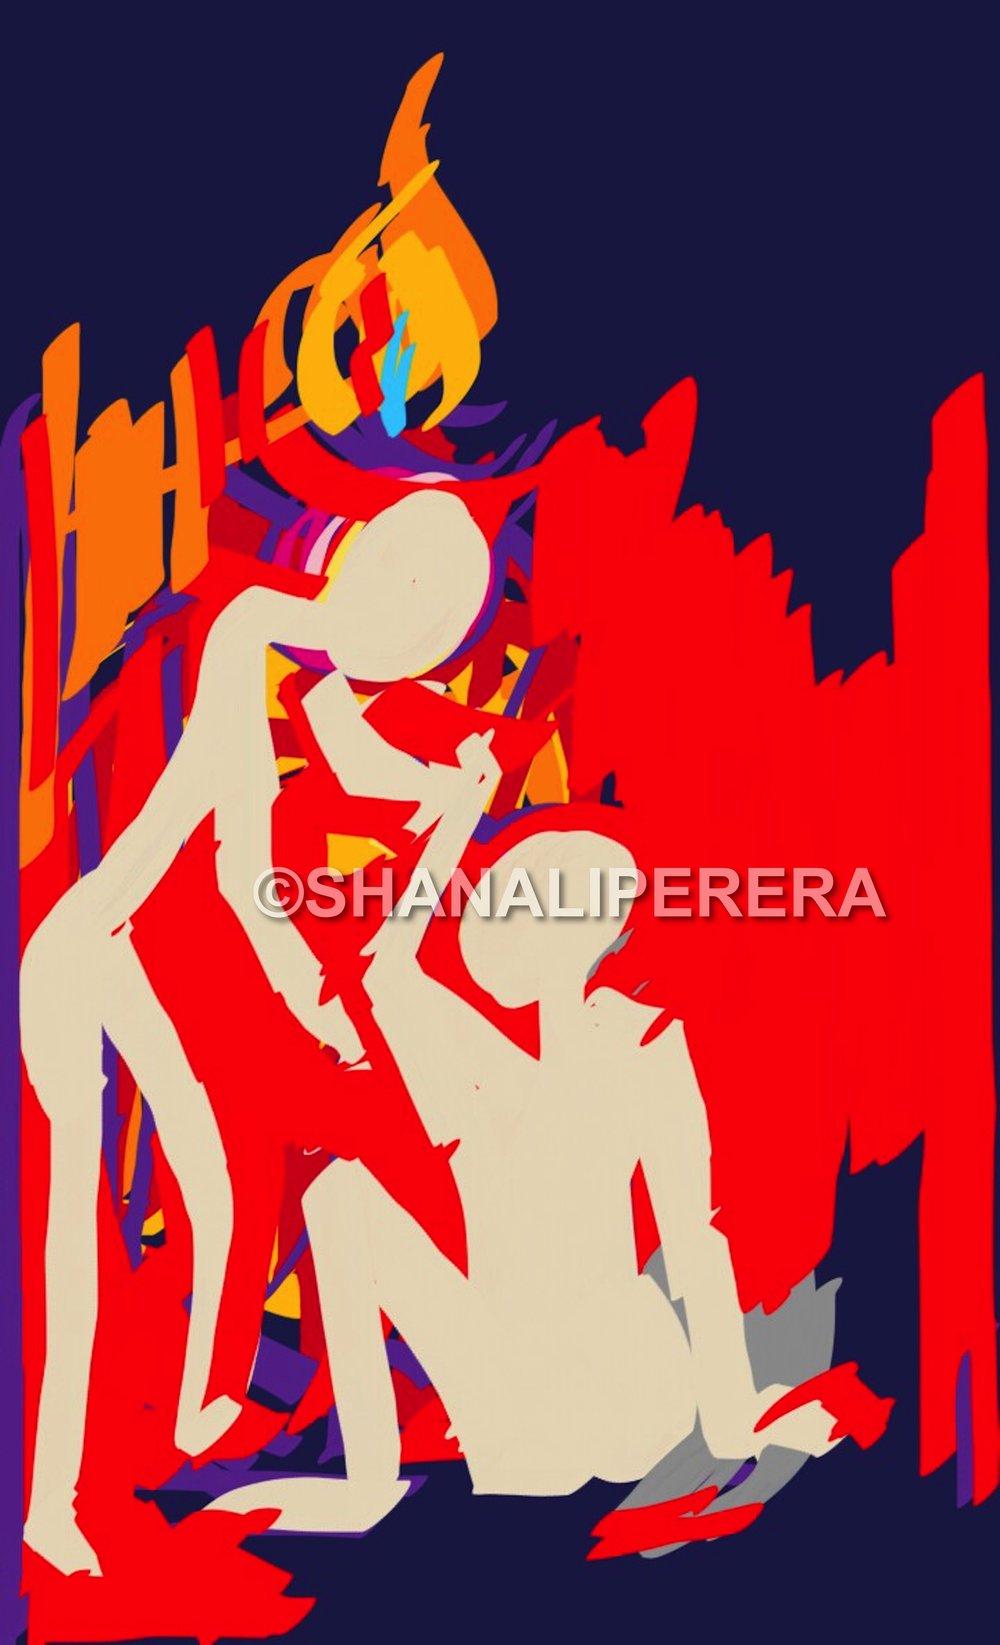 sketch-1457421864488.jpg